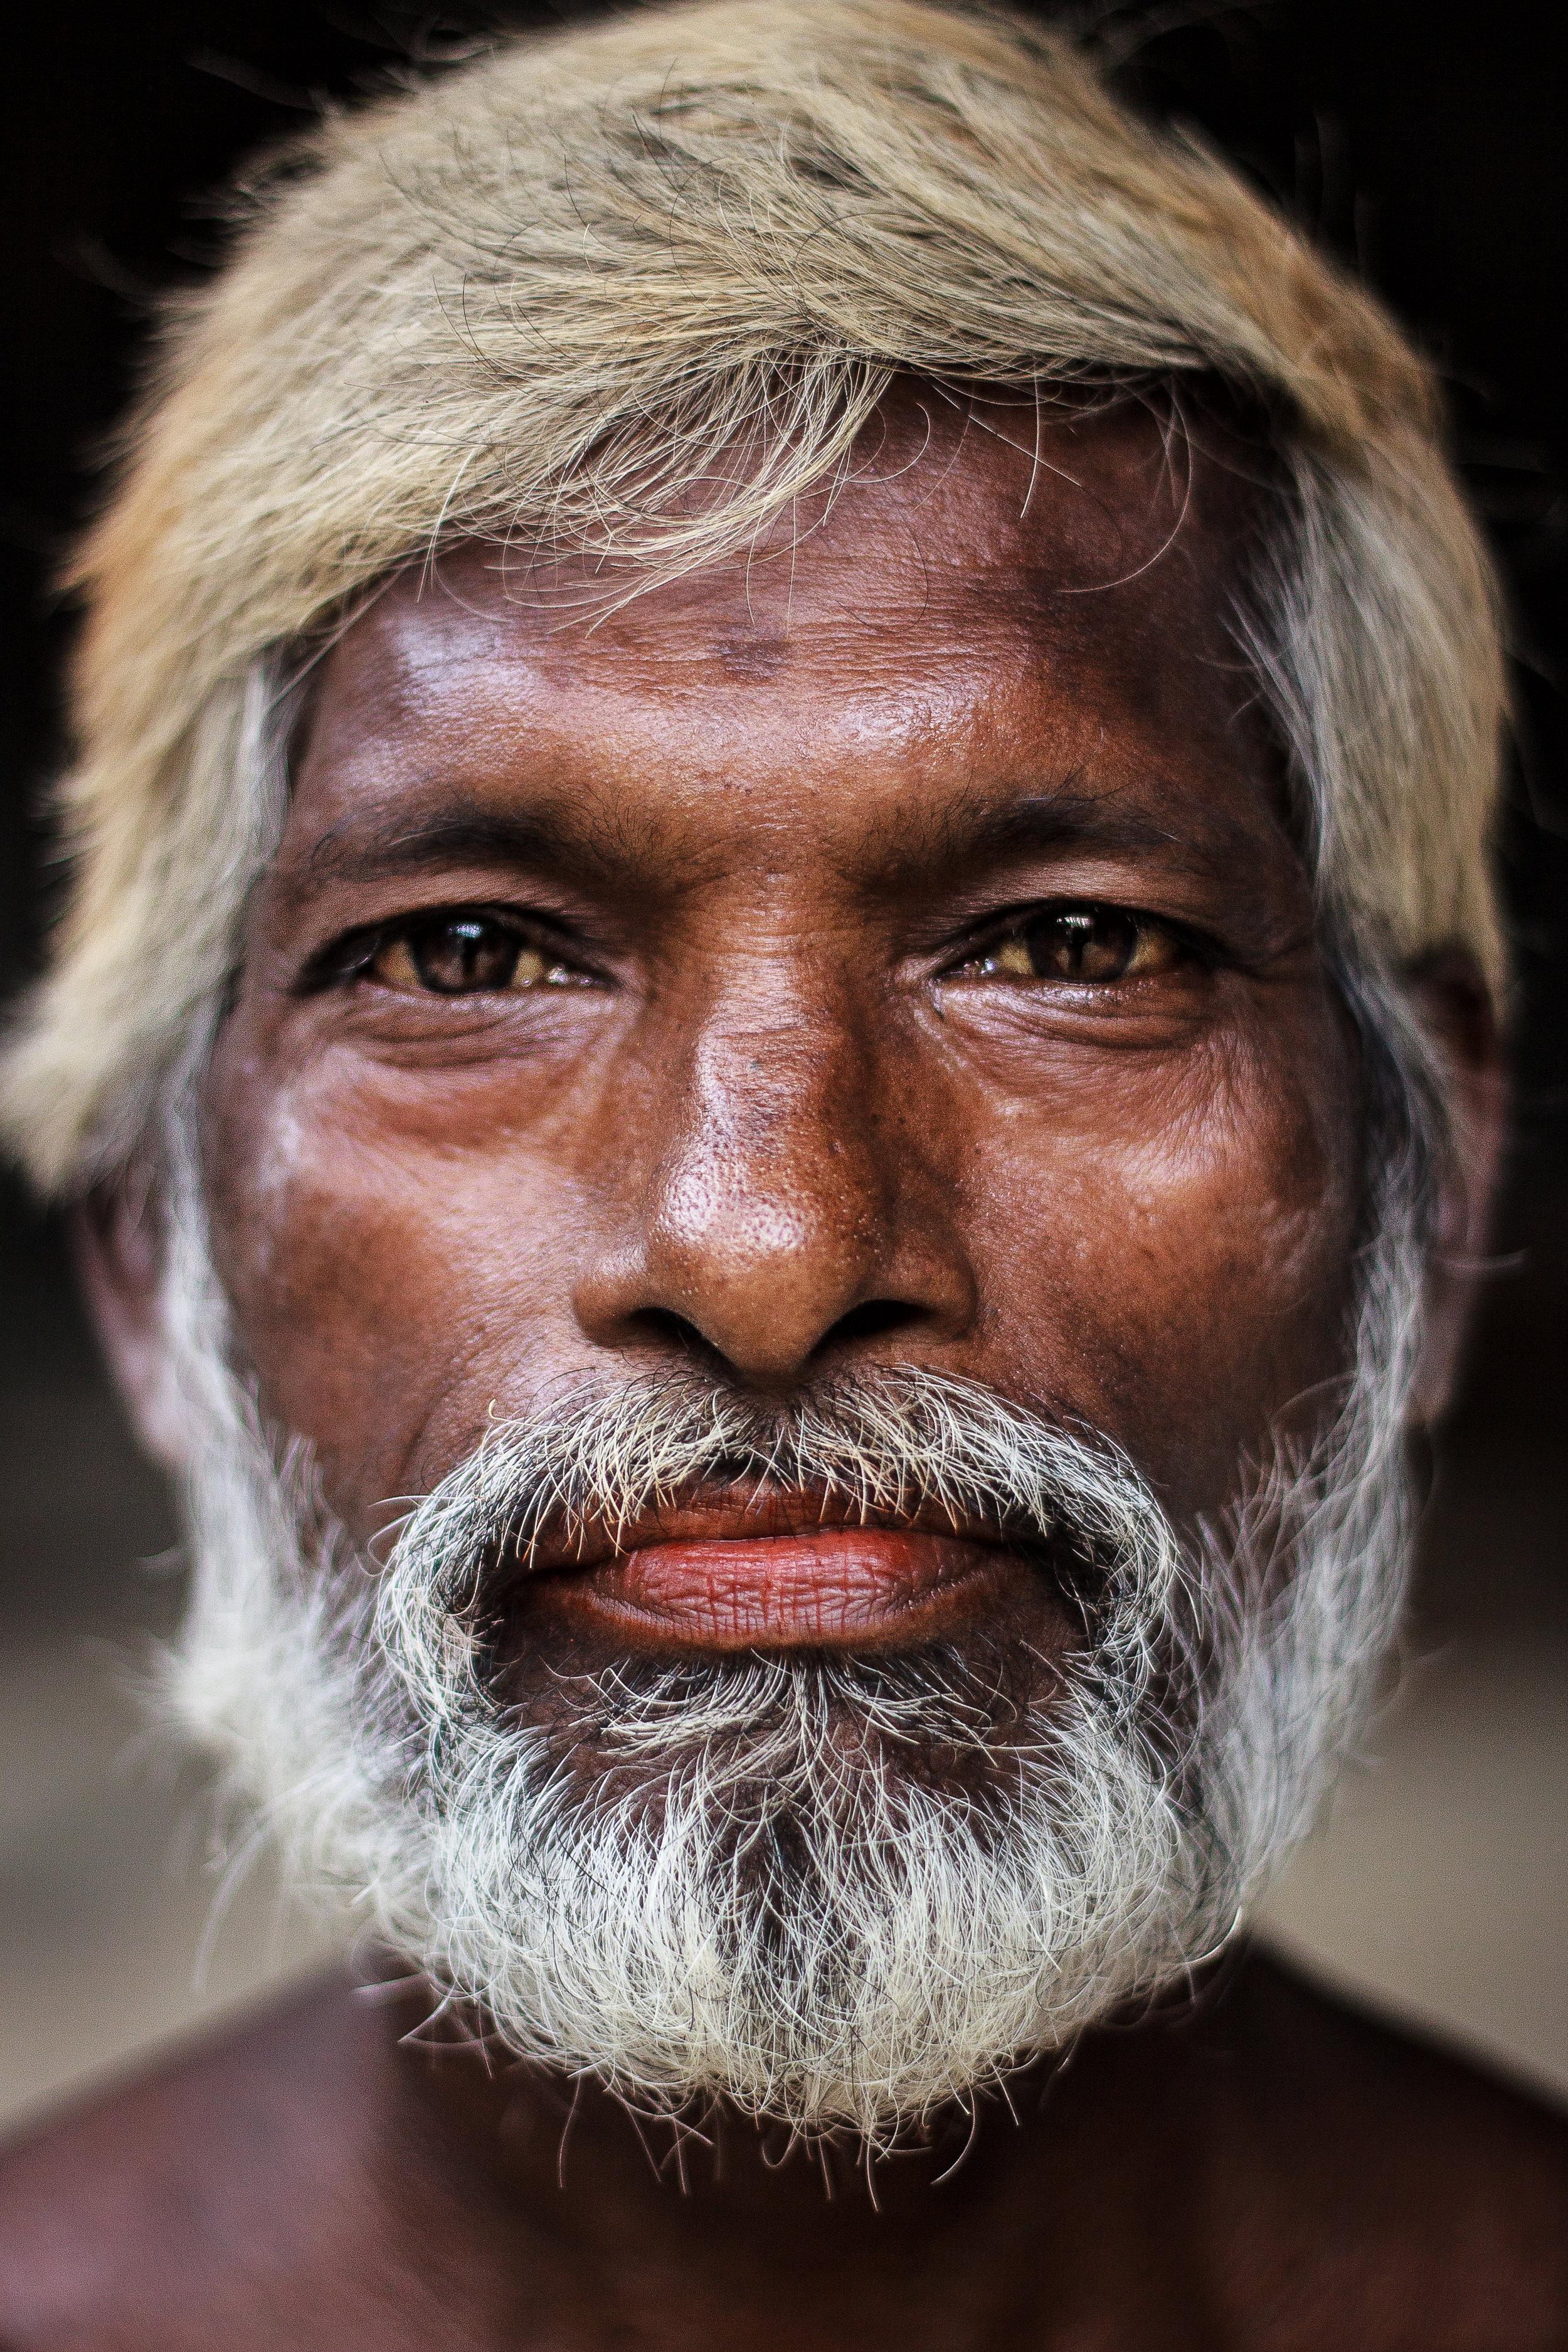 portrait of a construction worker in Jaffna - Sri Lanka